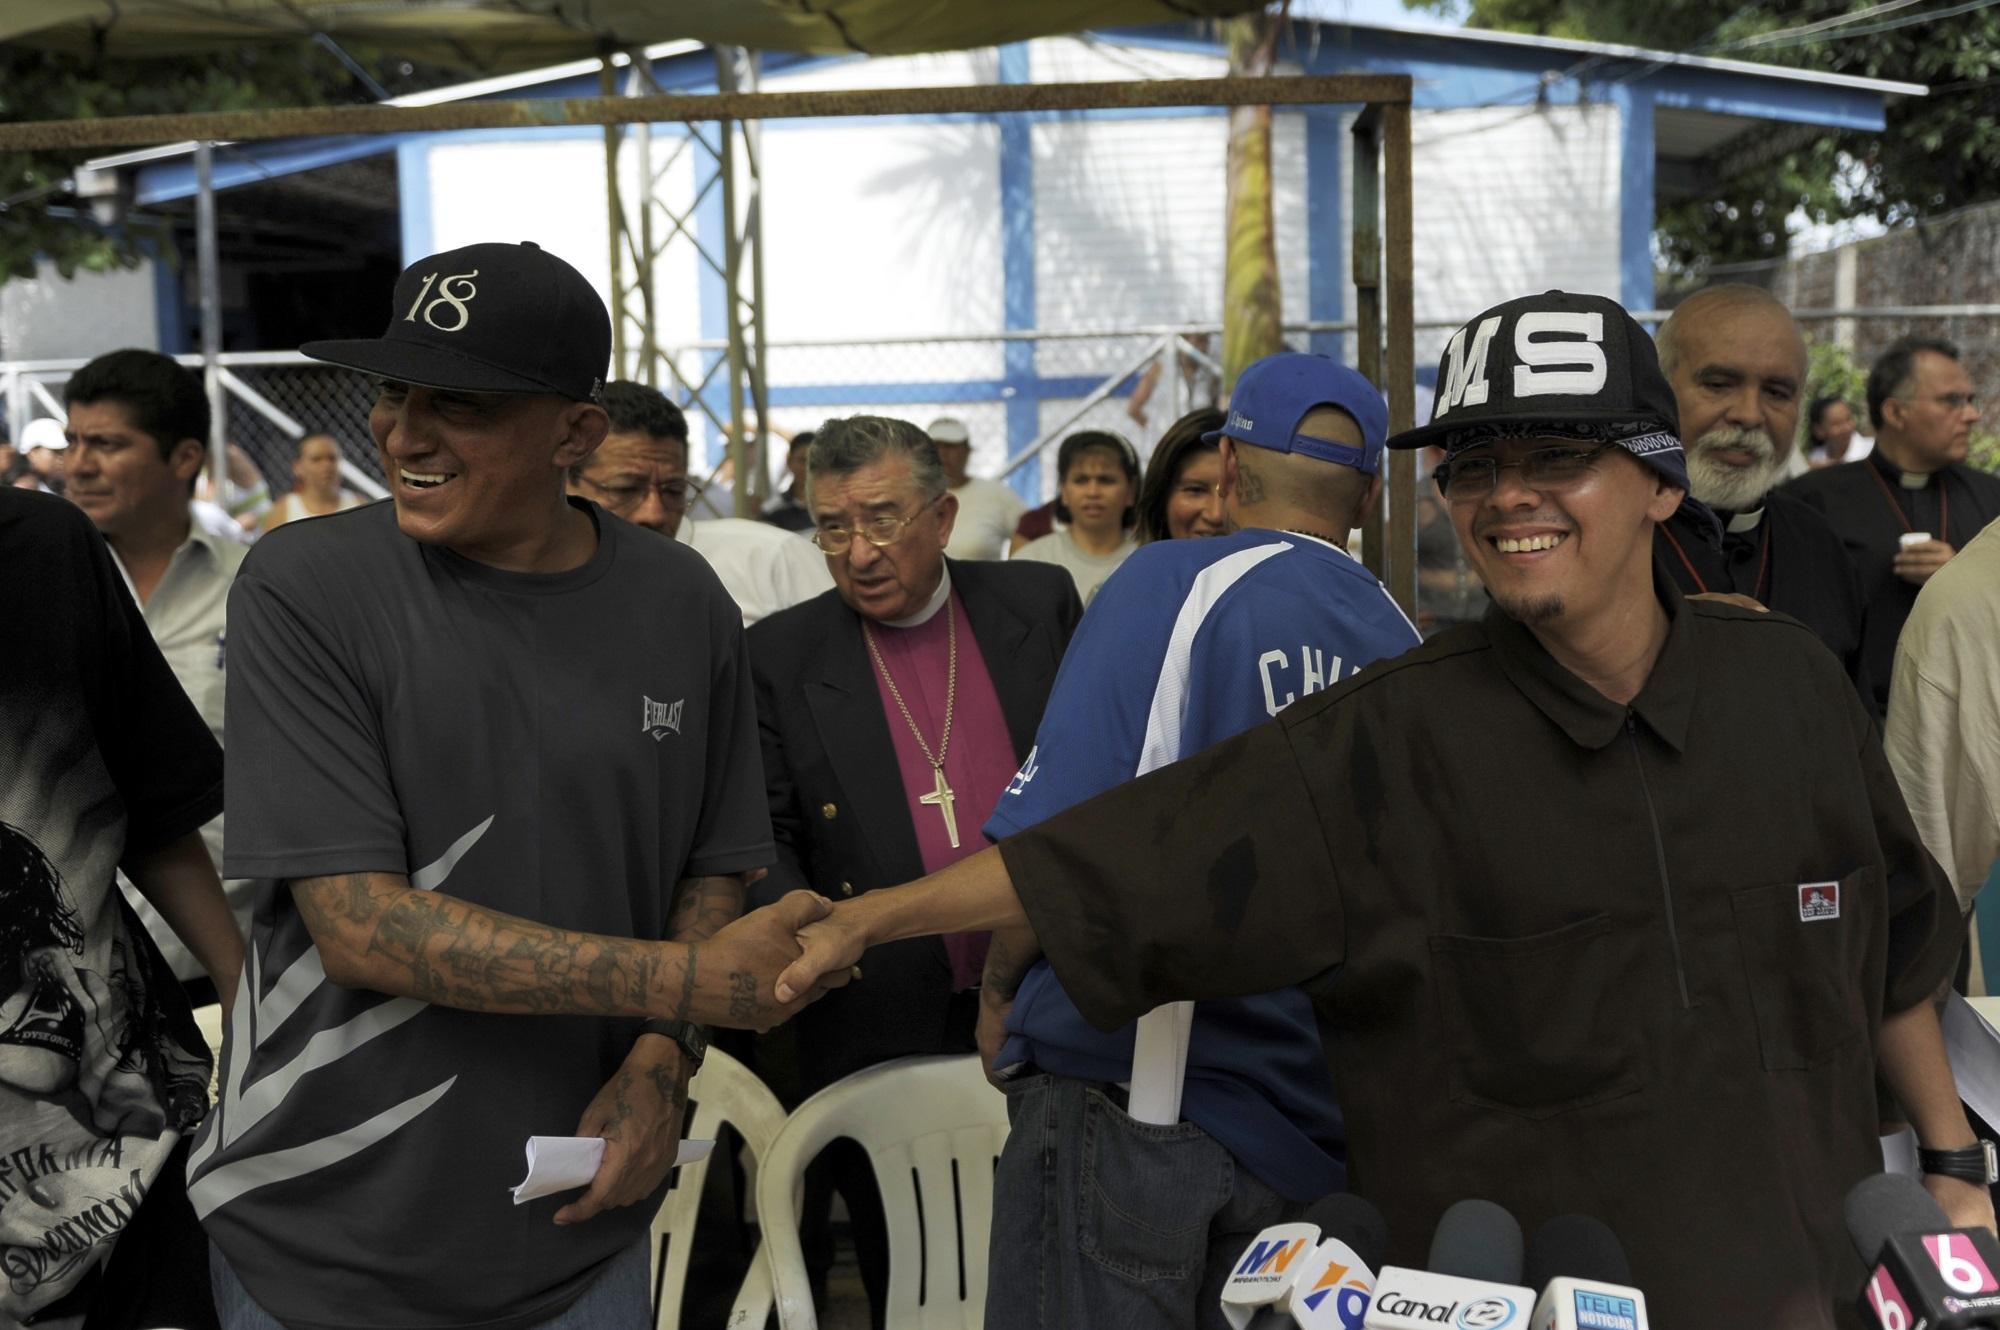 Carlos Mojica Lechuga (a) Viejo Lyn y Edson Zachary Eufemia, representantes de la 18 y de la MS-13 respectivamente, se dan la mano en septiembre de 2012, durante uno de los intercambios que hubo durante la Tregua. Foto José Cabezas (AFP).